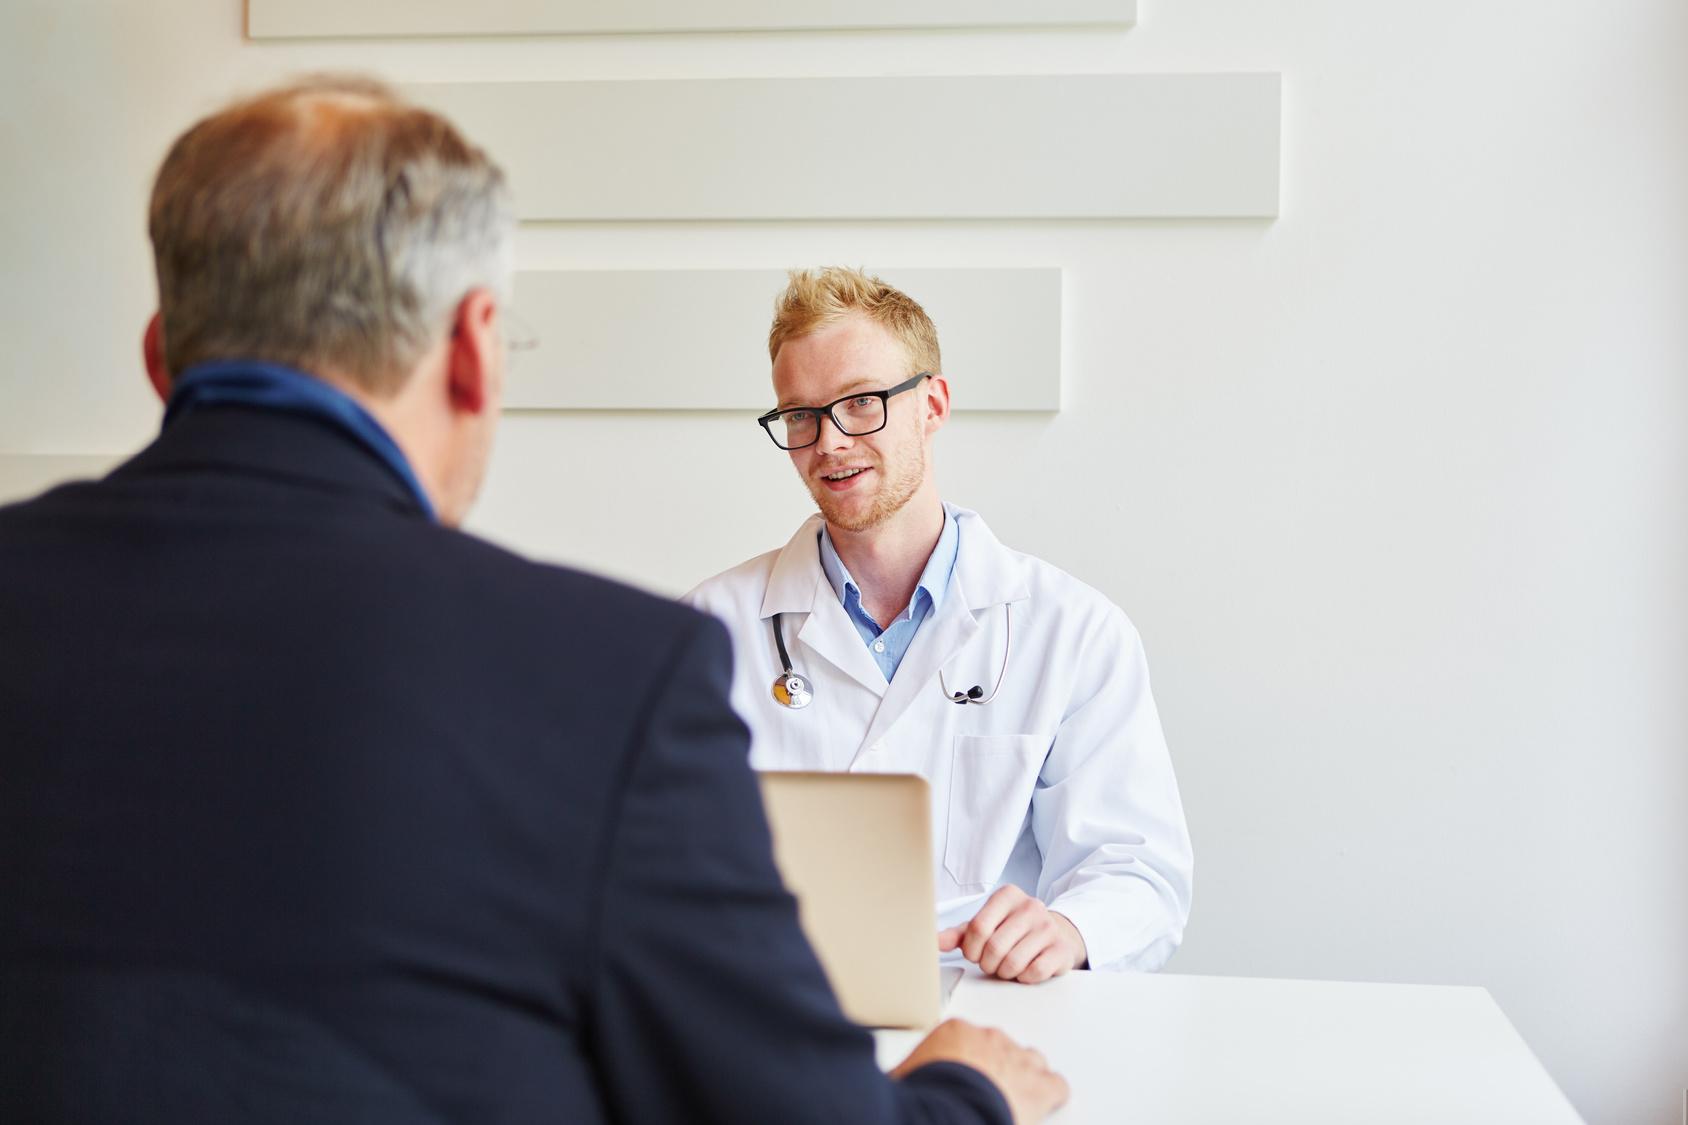 Facharzt in der Sprechstunde